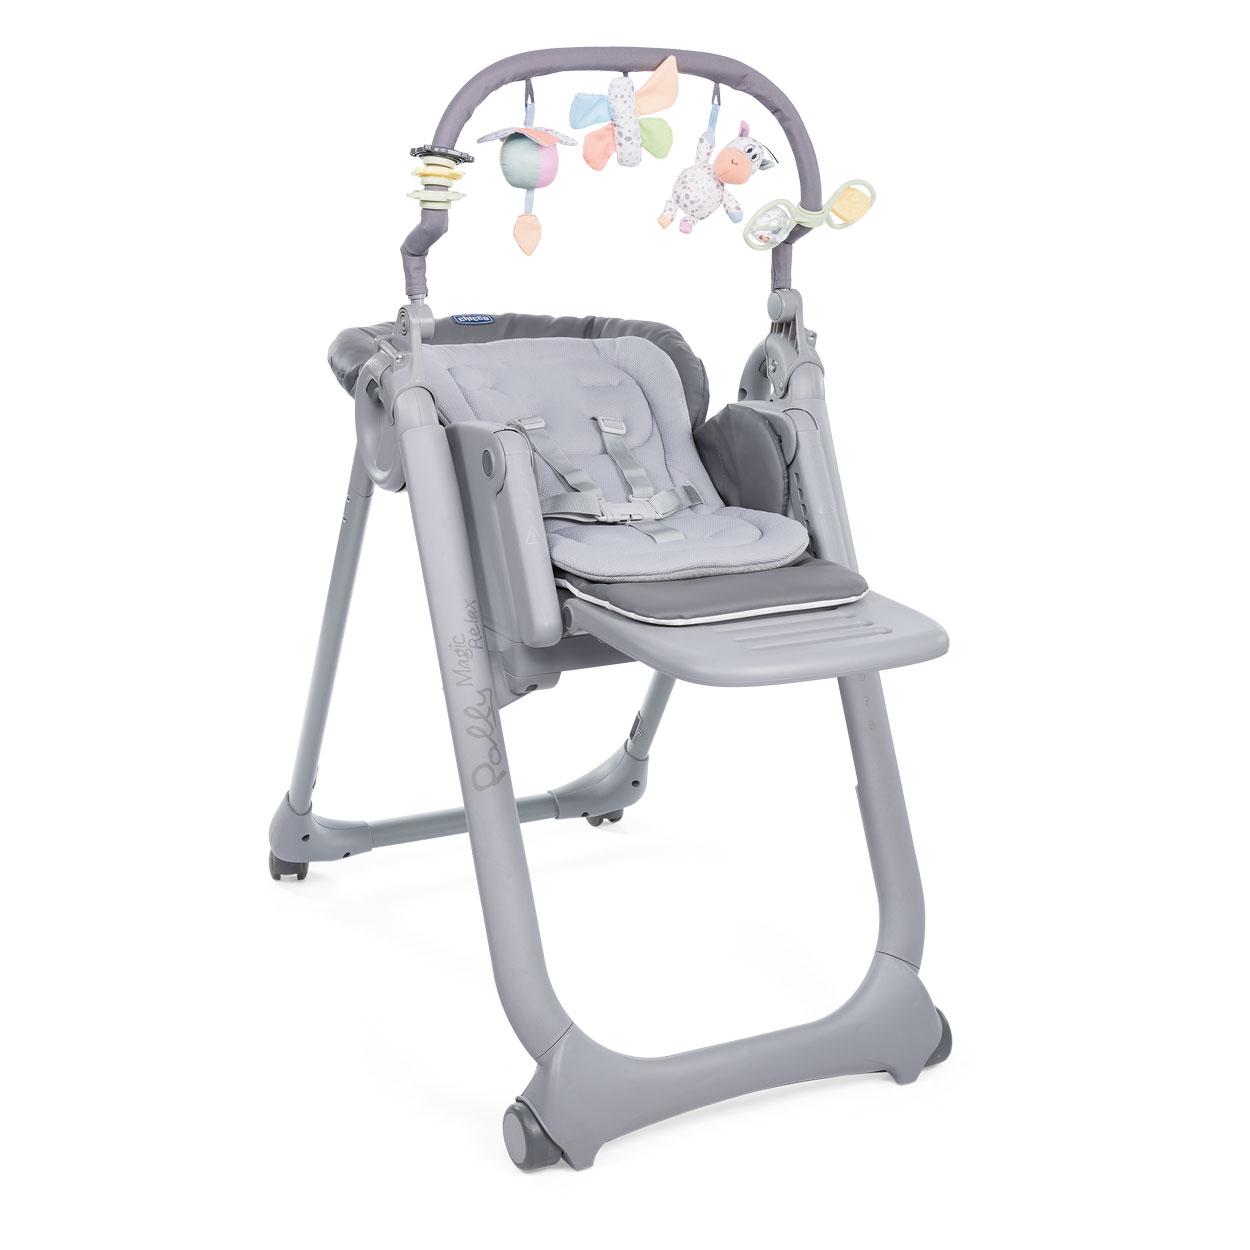 Židlička jídelní Polly Magic Relax - Graphite